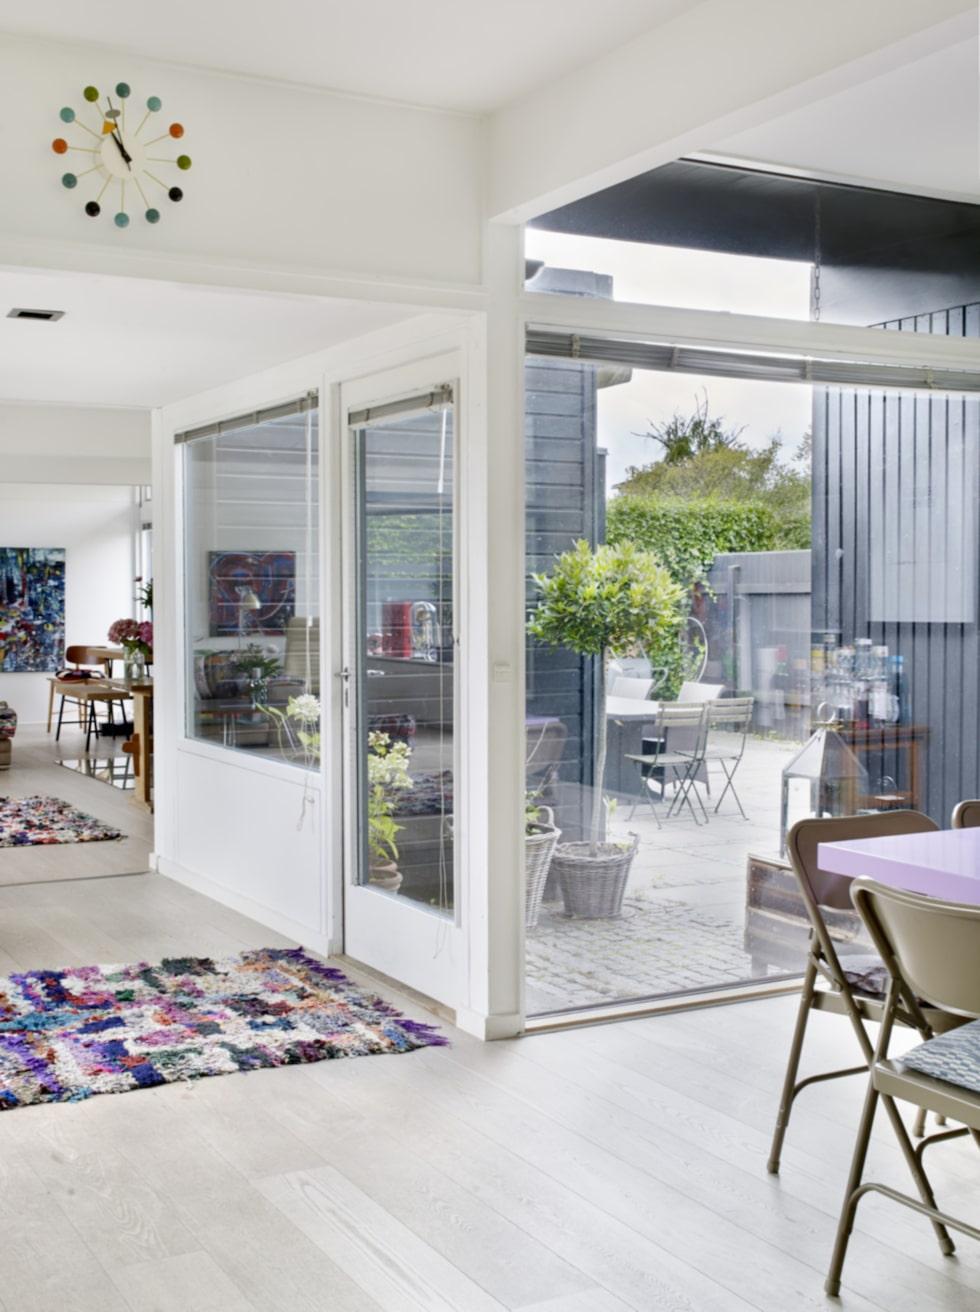 Från köket kommer man ut till terrassen och trädgården genom altandörrar. Fönstren i huset ger rummen ett fantastisk ljus. Mattorna är från Marrakech och klockan är en bröllopsgåva designad av George Nelson.